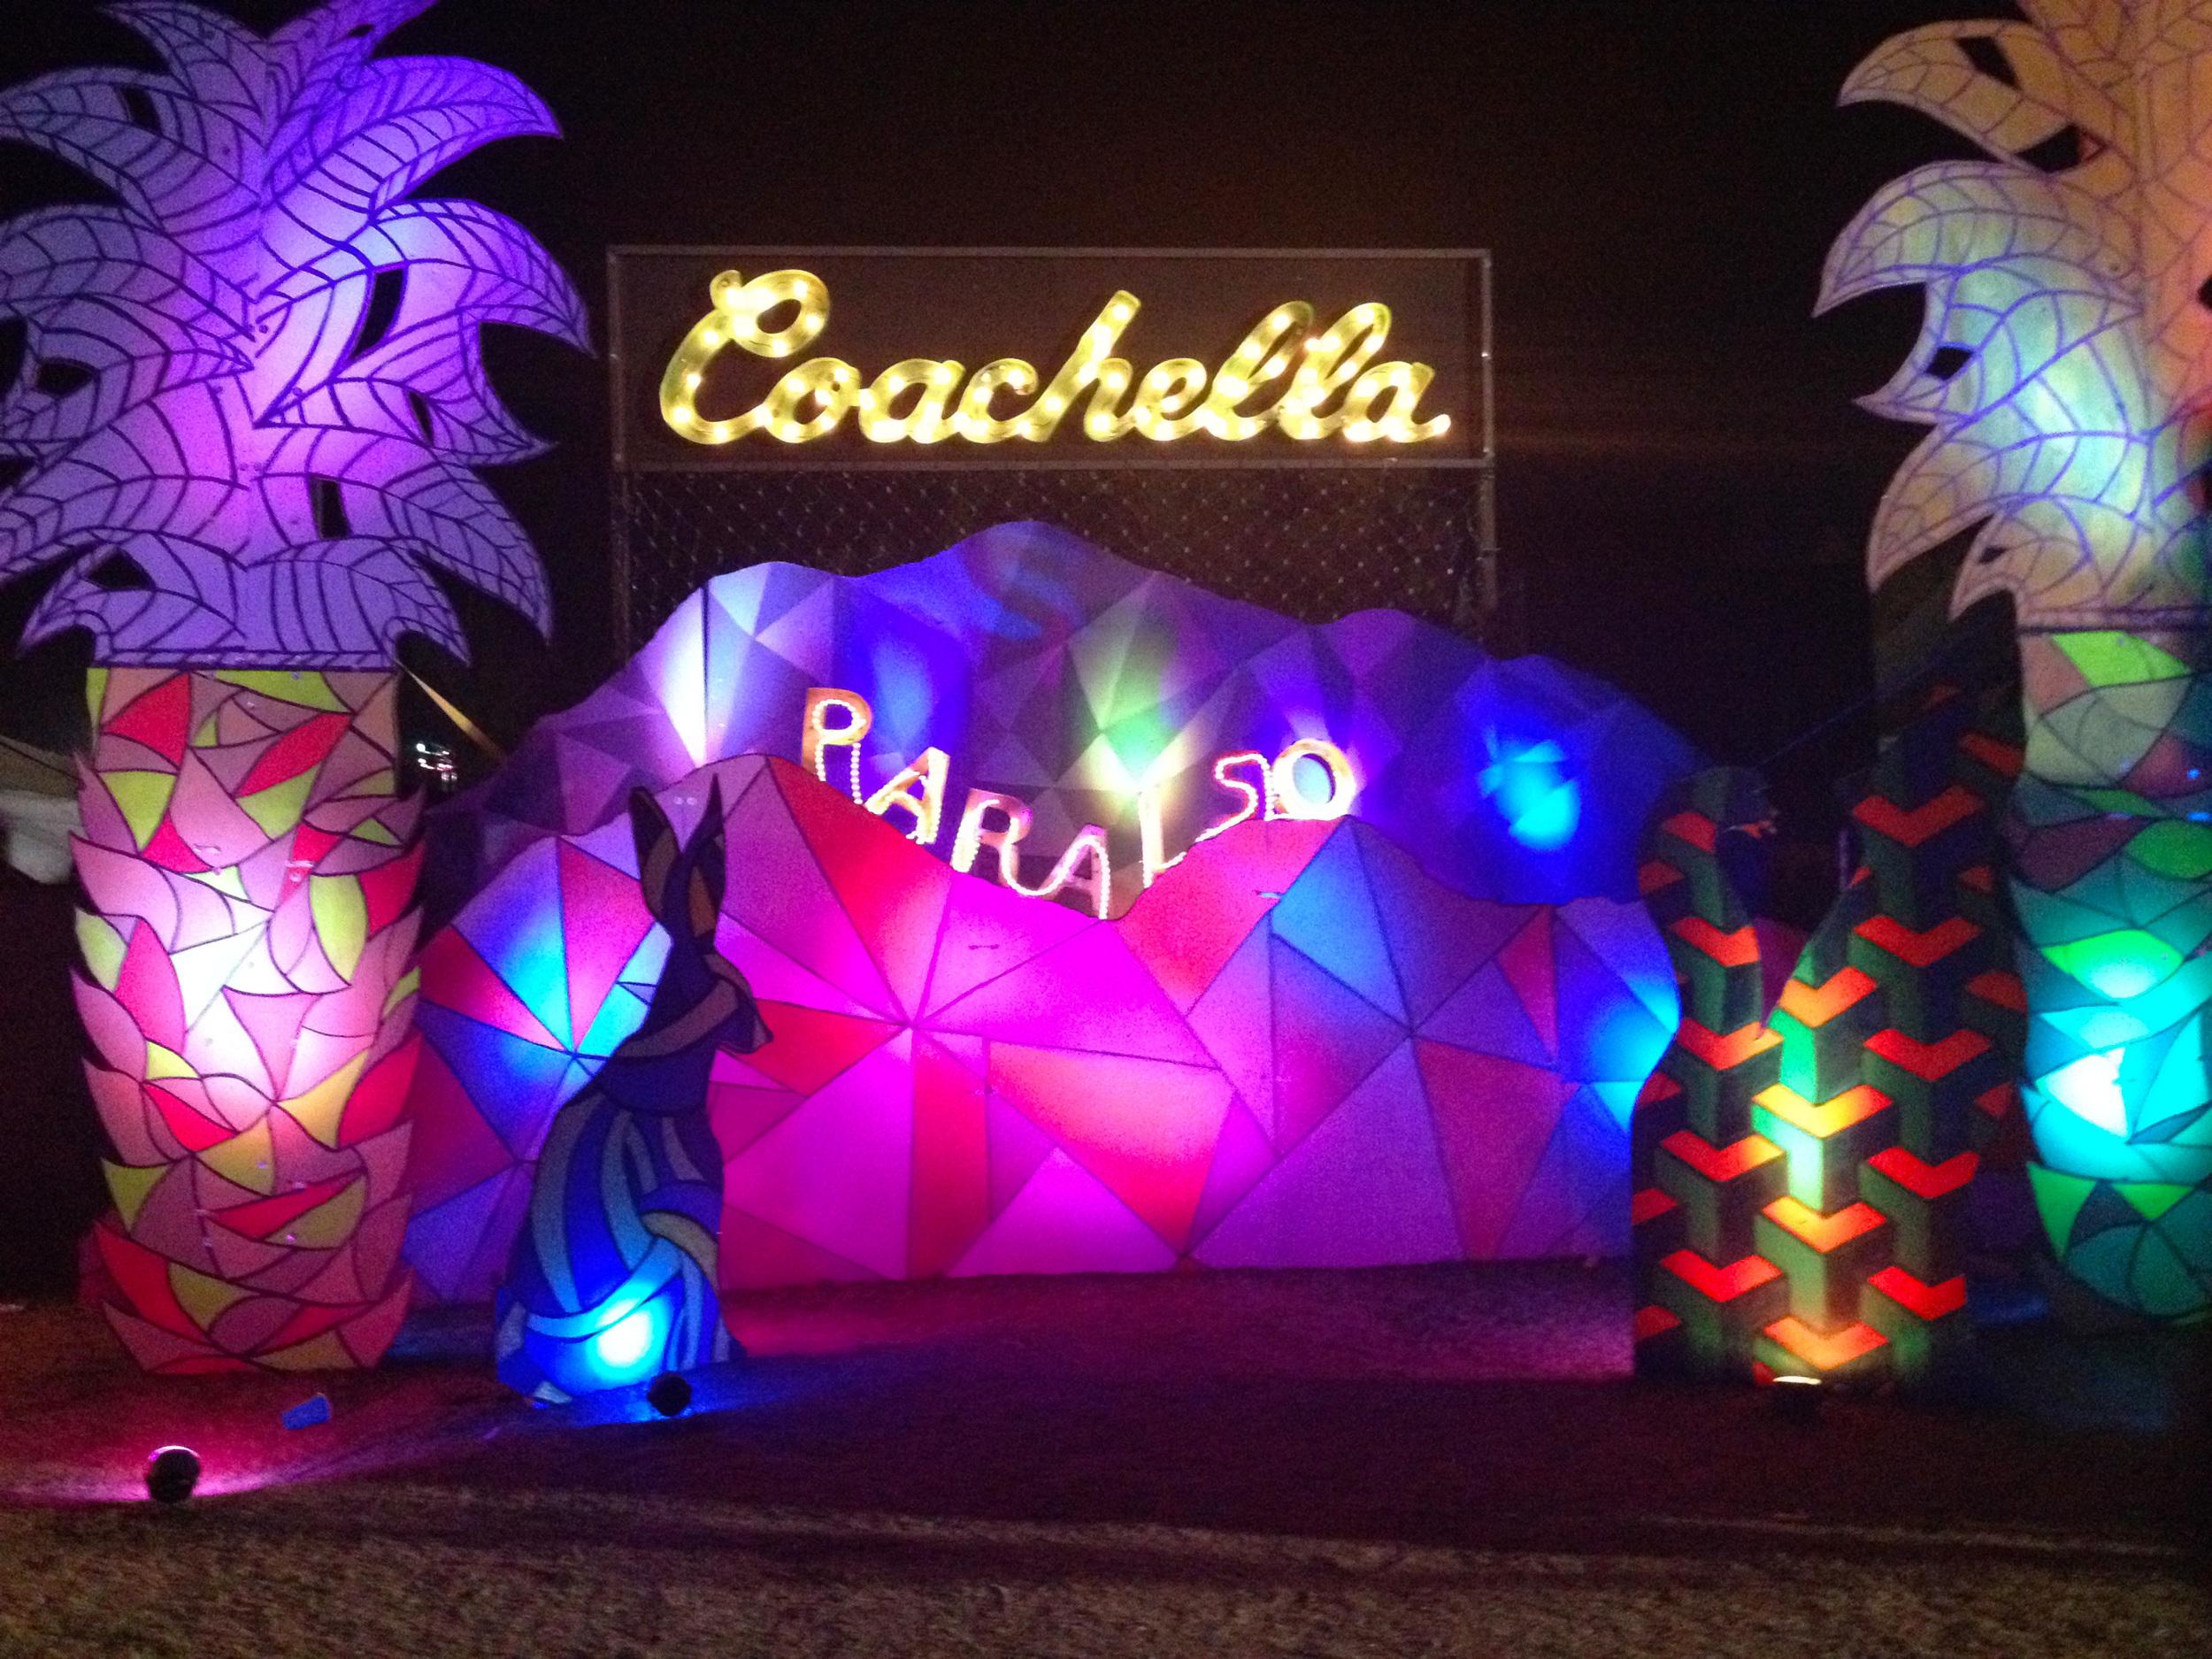 Bye Coachella!